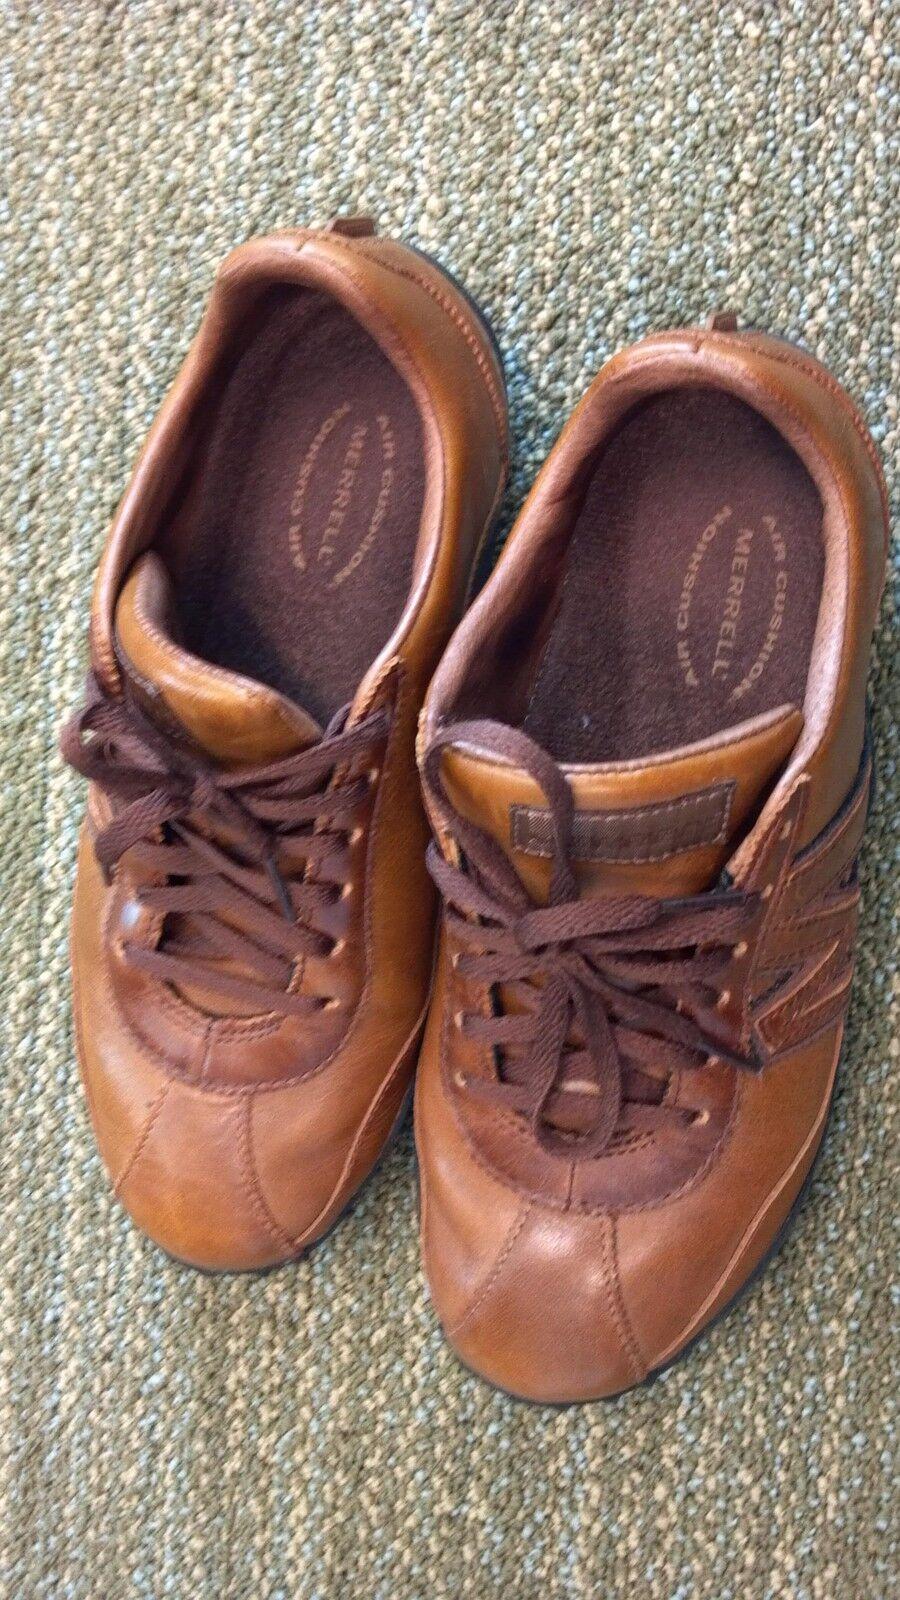 Merrell Merrell Merrell Zapato De Cuero, Para Mujer Talla 7 Usado En Excelente Condición  excelentes precios